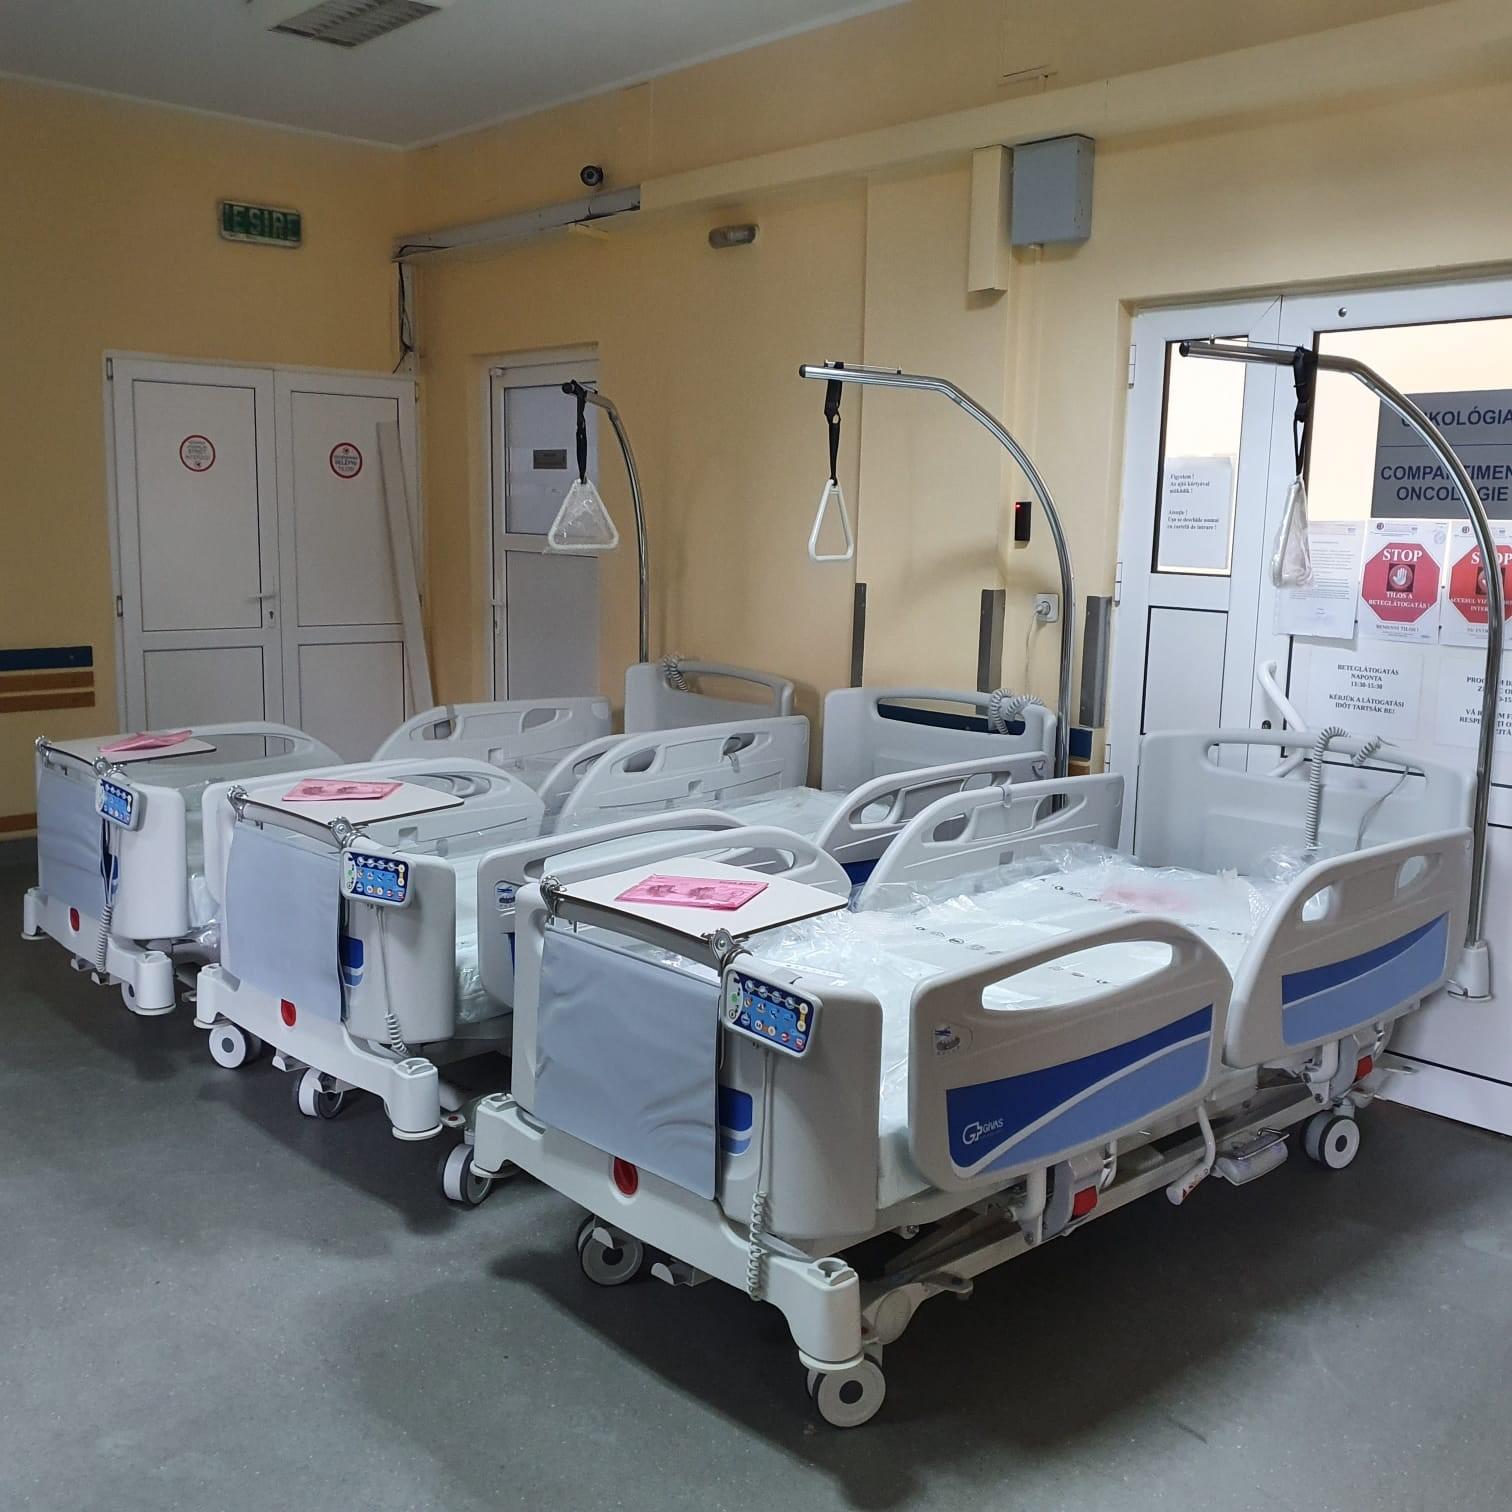 Donație de peste 1 milion de Euro pentru echipamente medicale, de la începutul pandemiei Covid-19